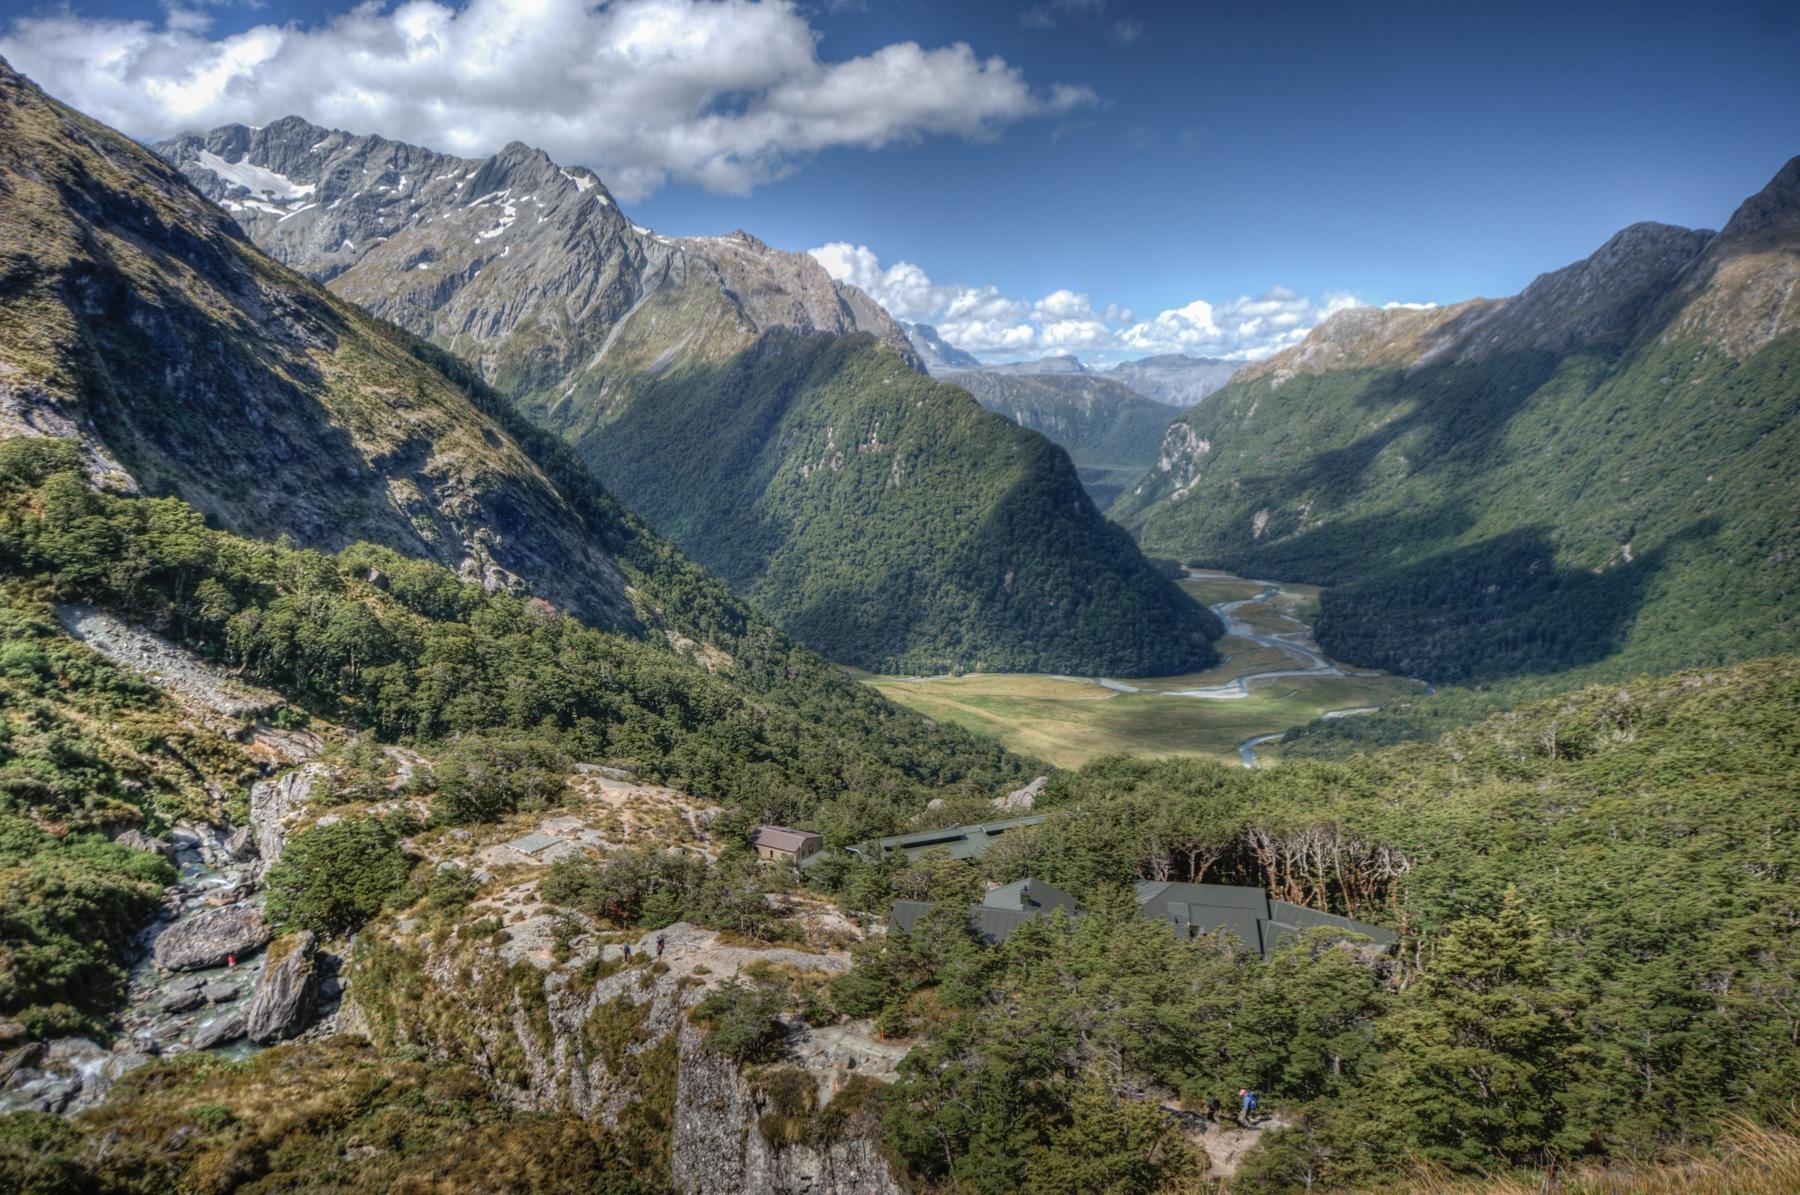 sentier de Routeburn en Nouvelle Zélande